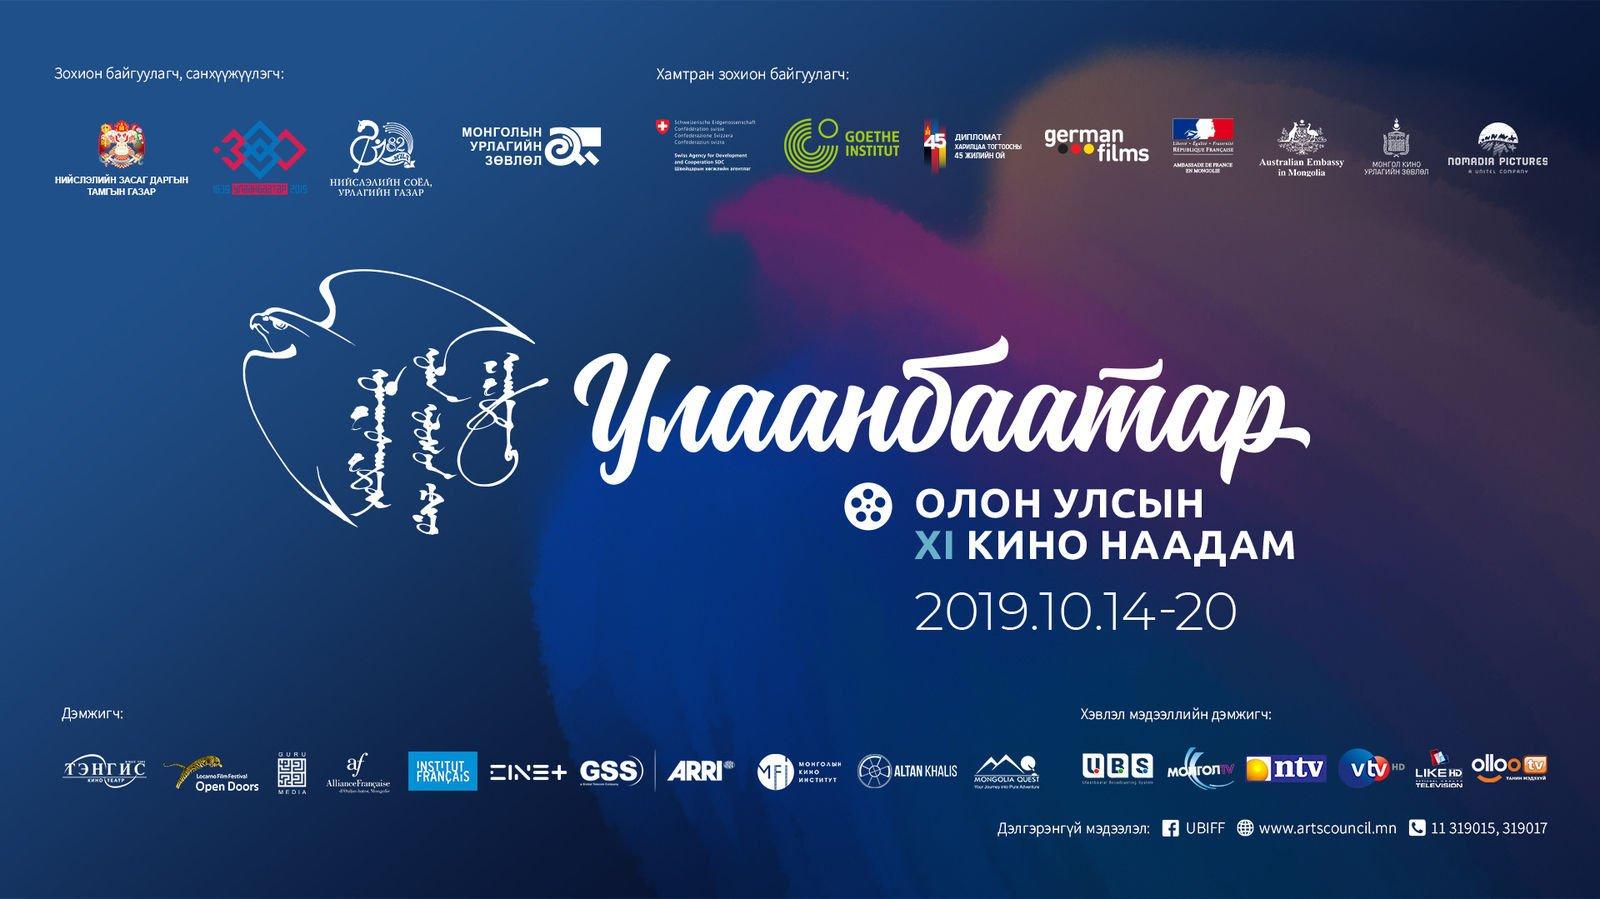 """""""Улаанбаатар"""" олон улсын кино наадам 11 дэх жилдээ"""